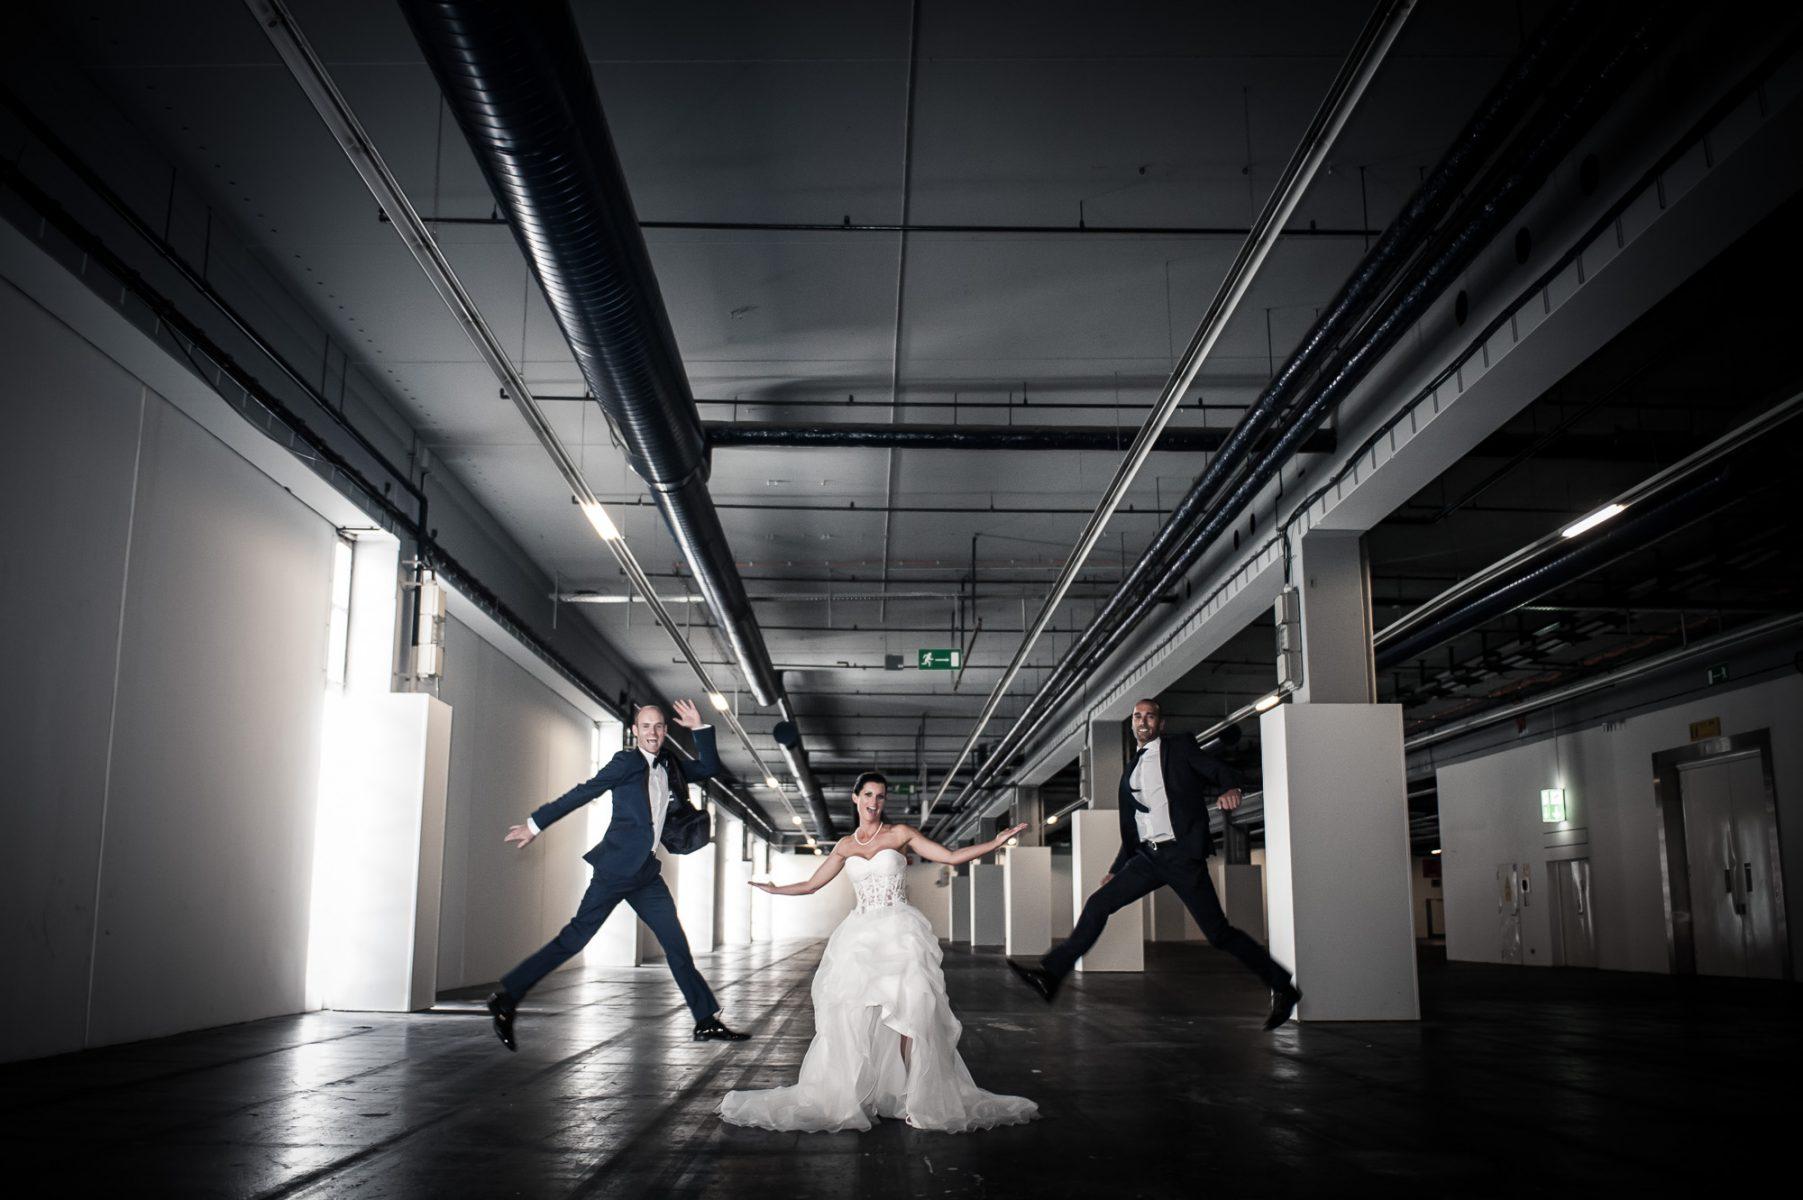 Hochzeit B2000  229930 157 1803x1200 - Hochzeitsfotografie